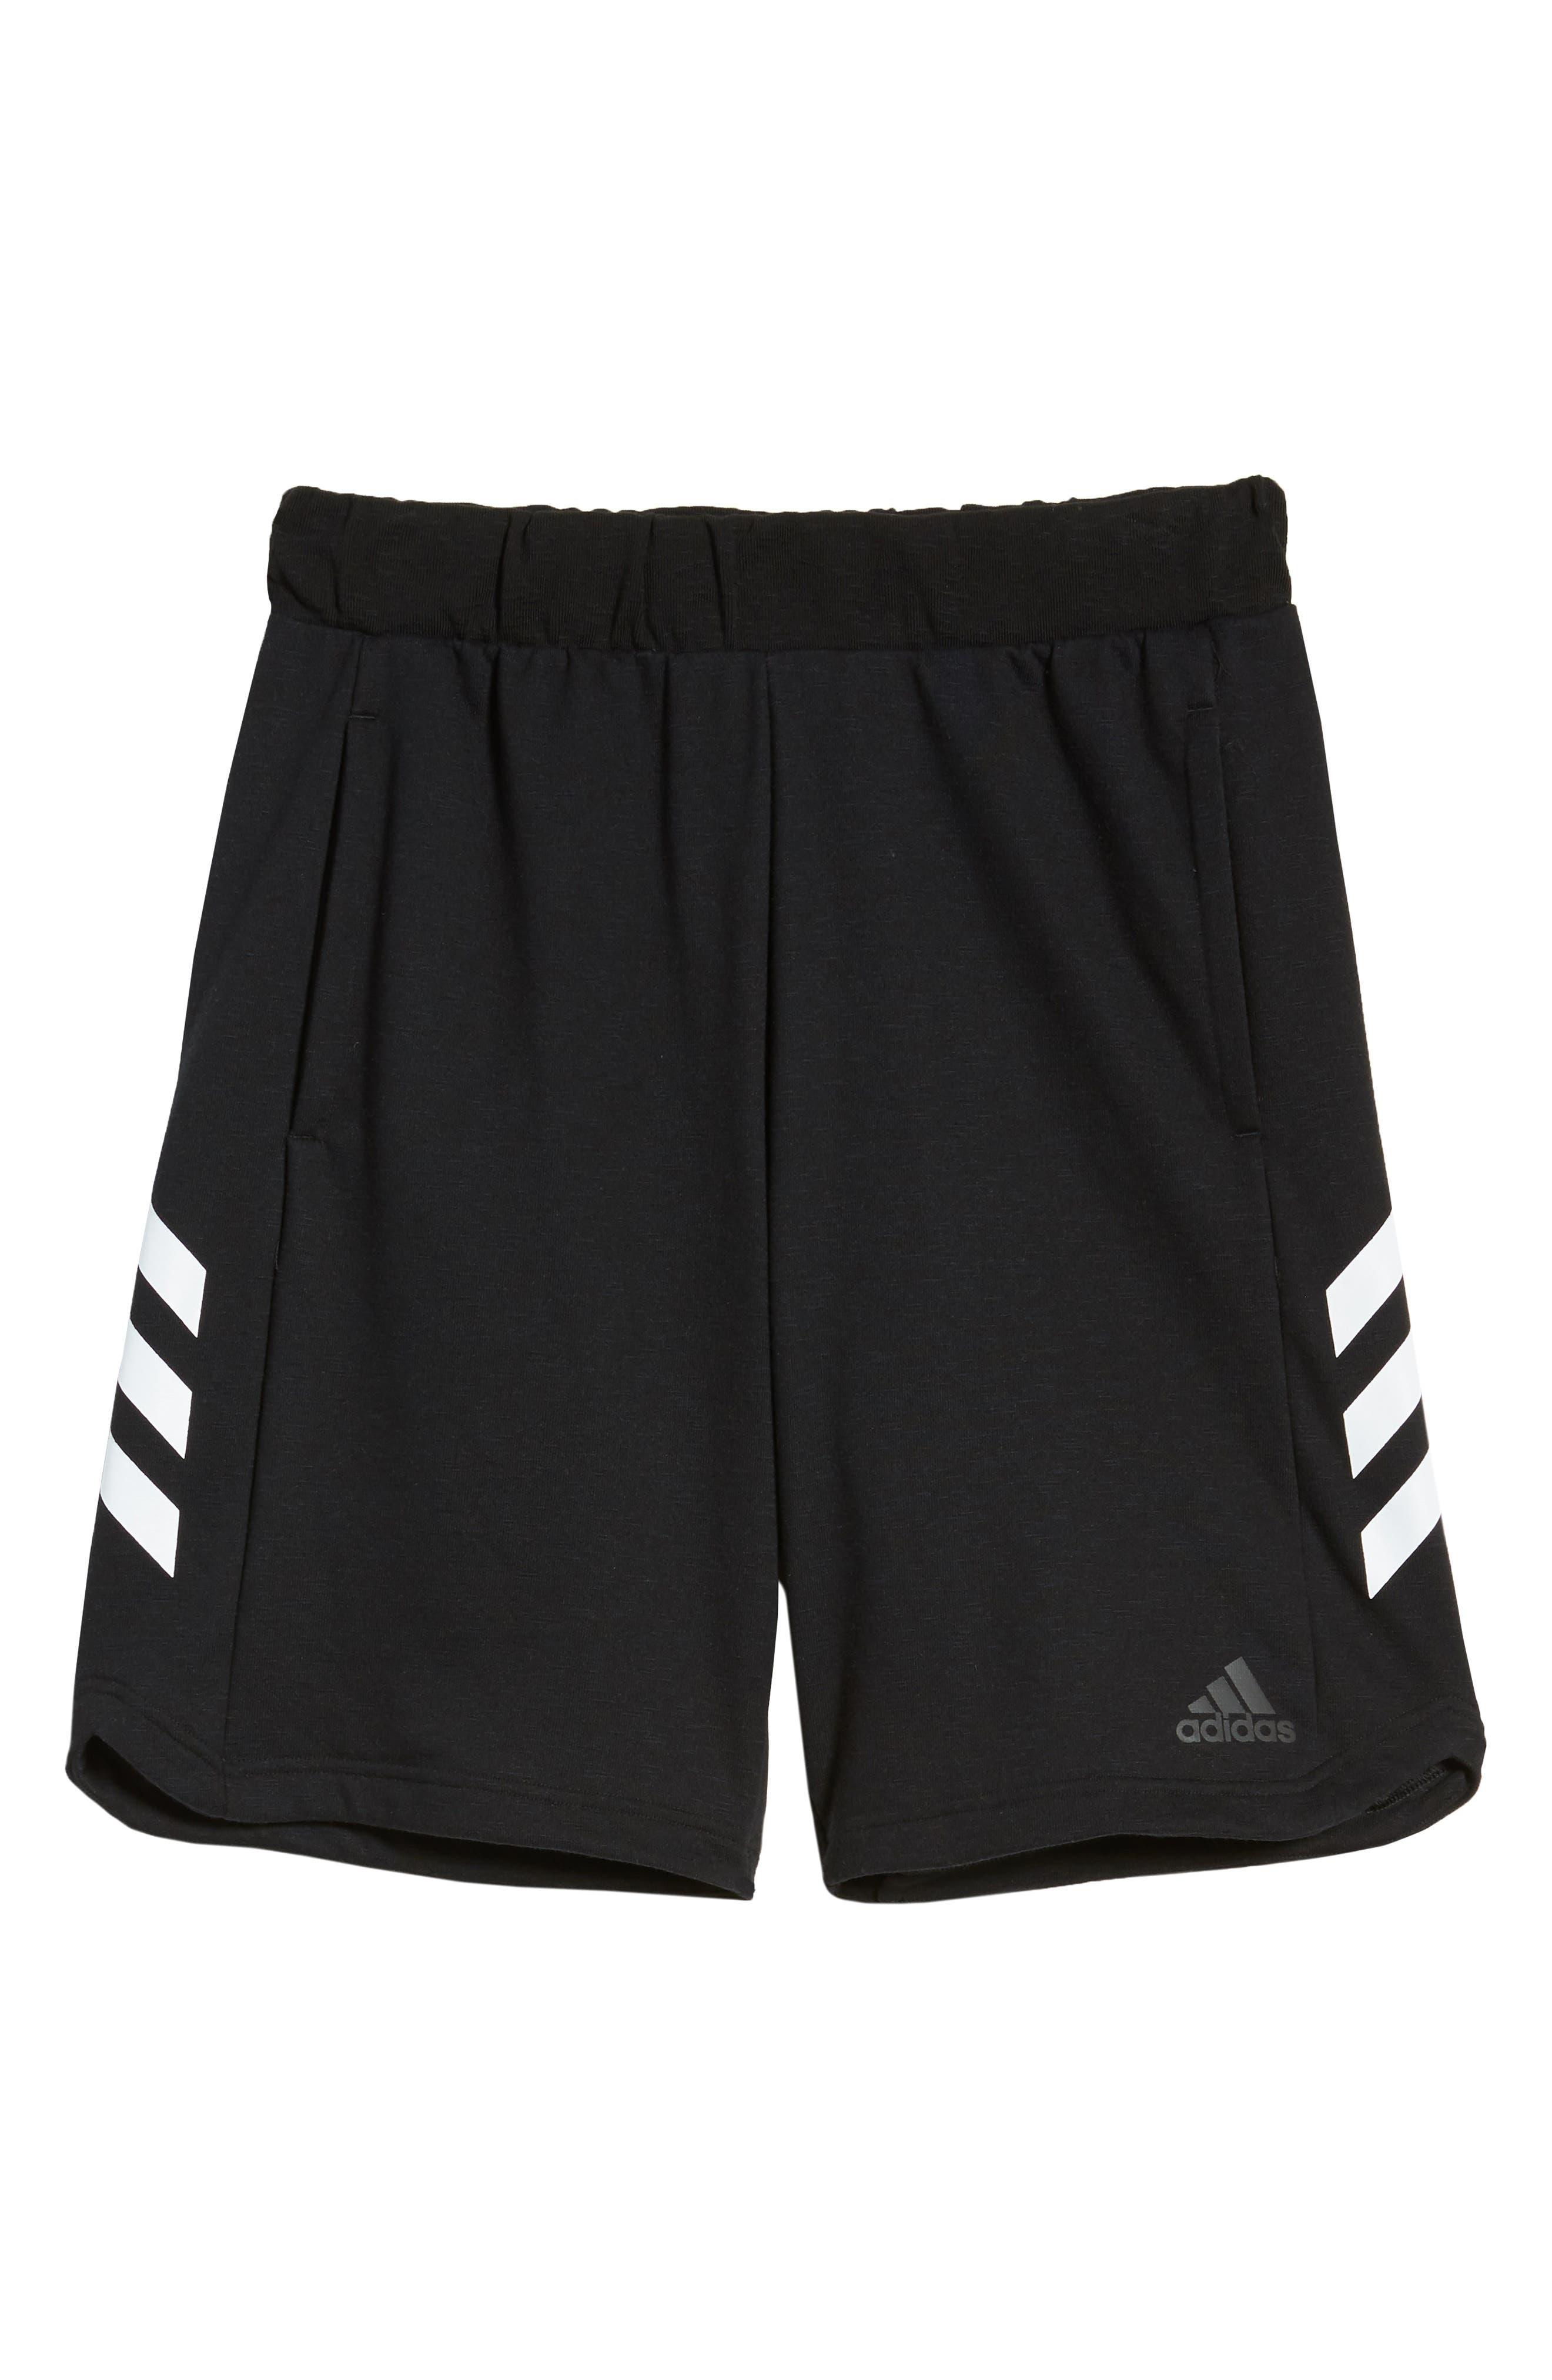 Pick Up Knit Shorts,                             Alternate thumbnail 3, color,                             BLACK